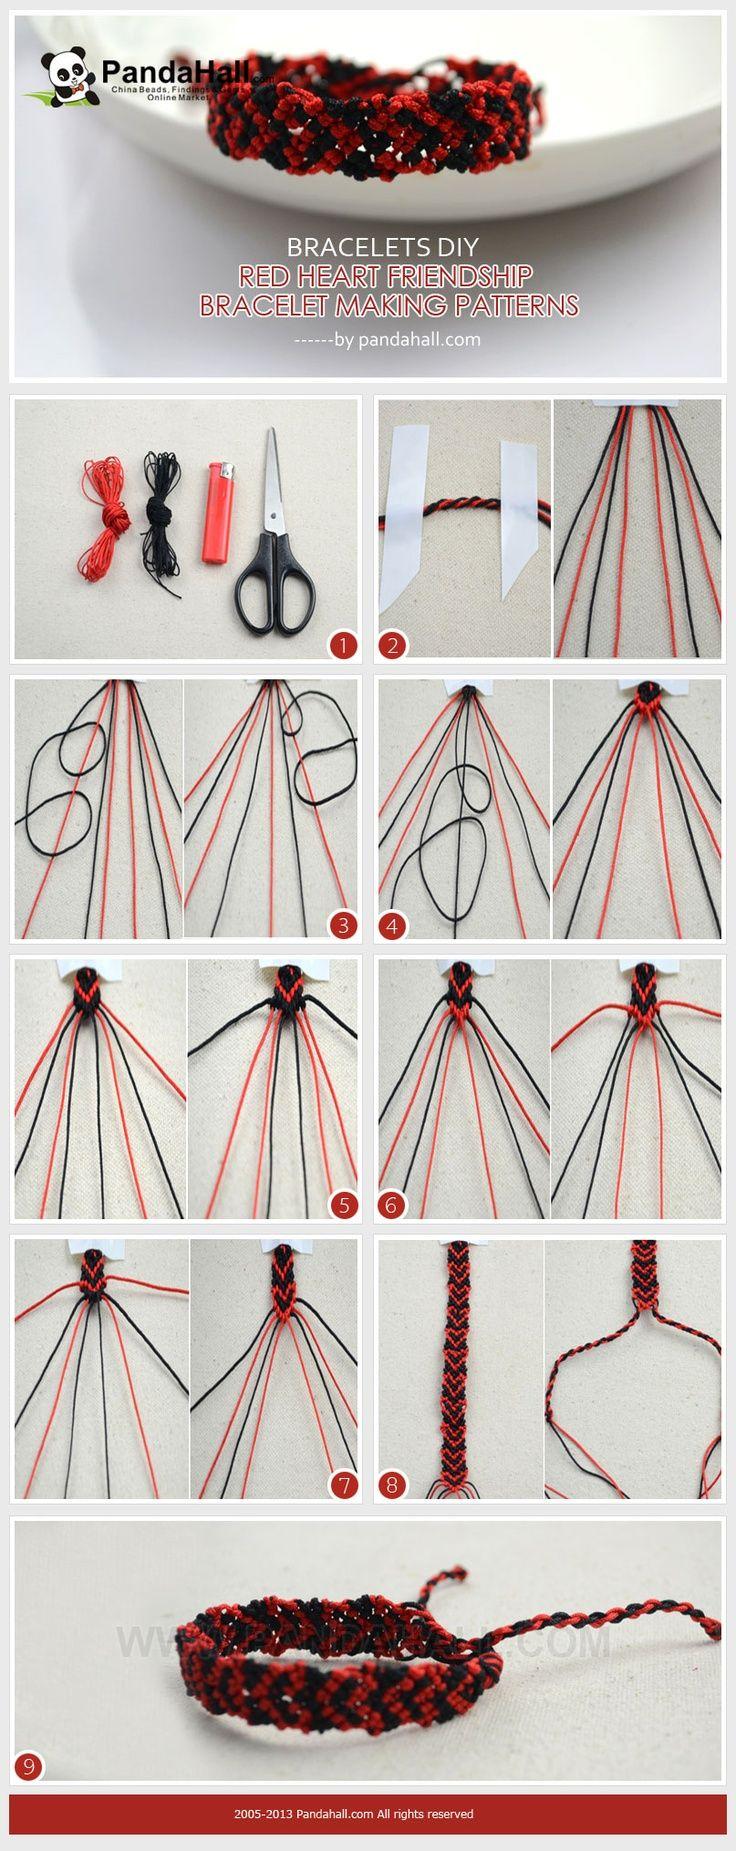 Jewelry Making Idea—how To Make Red Heart Pattern Friendship Bracelet In  The Bracelets Diy